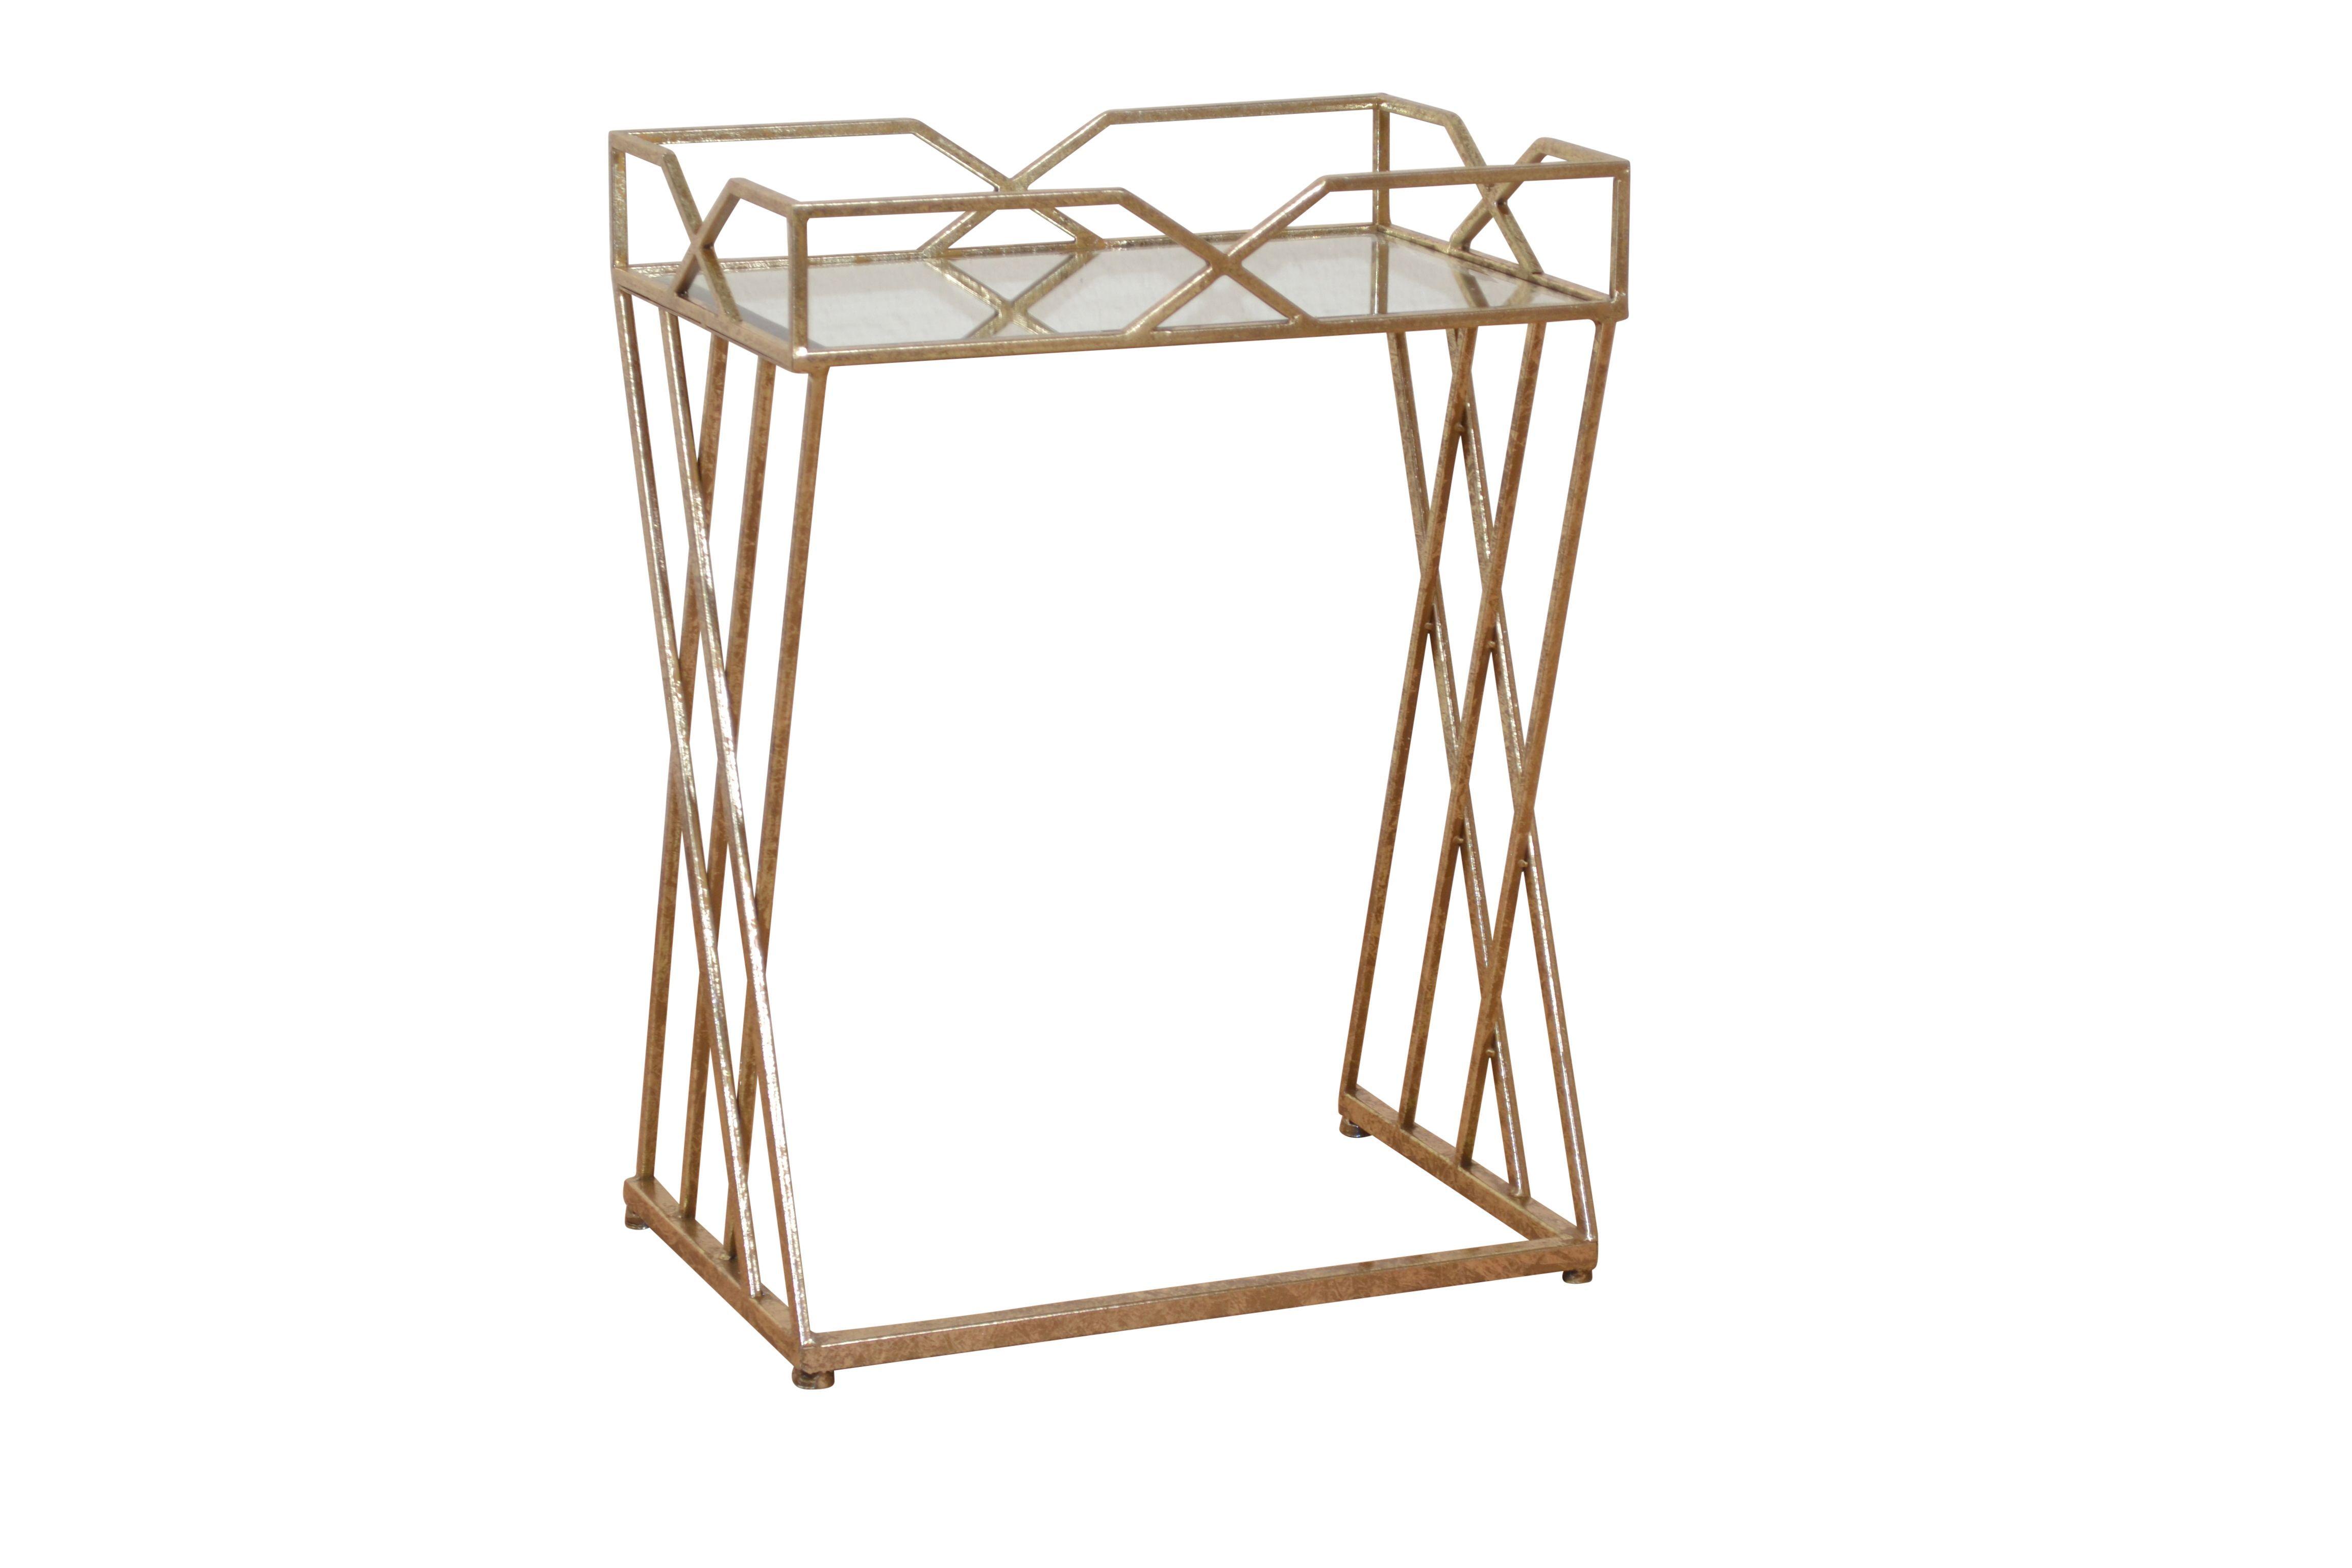 beistelltisch antik goldfarben woody 193-00036 metall modern jetzt, Wohnzimmer dekoo